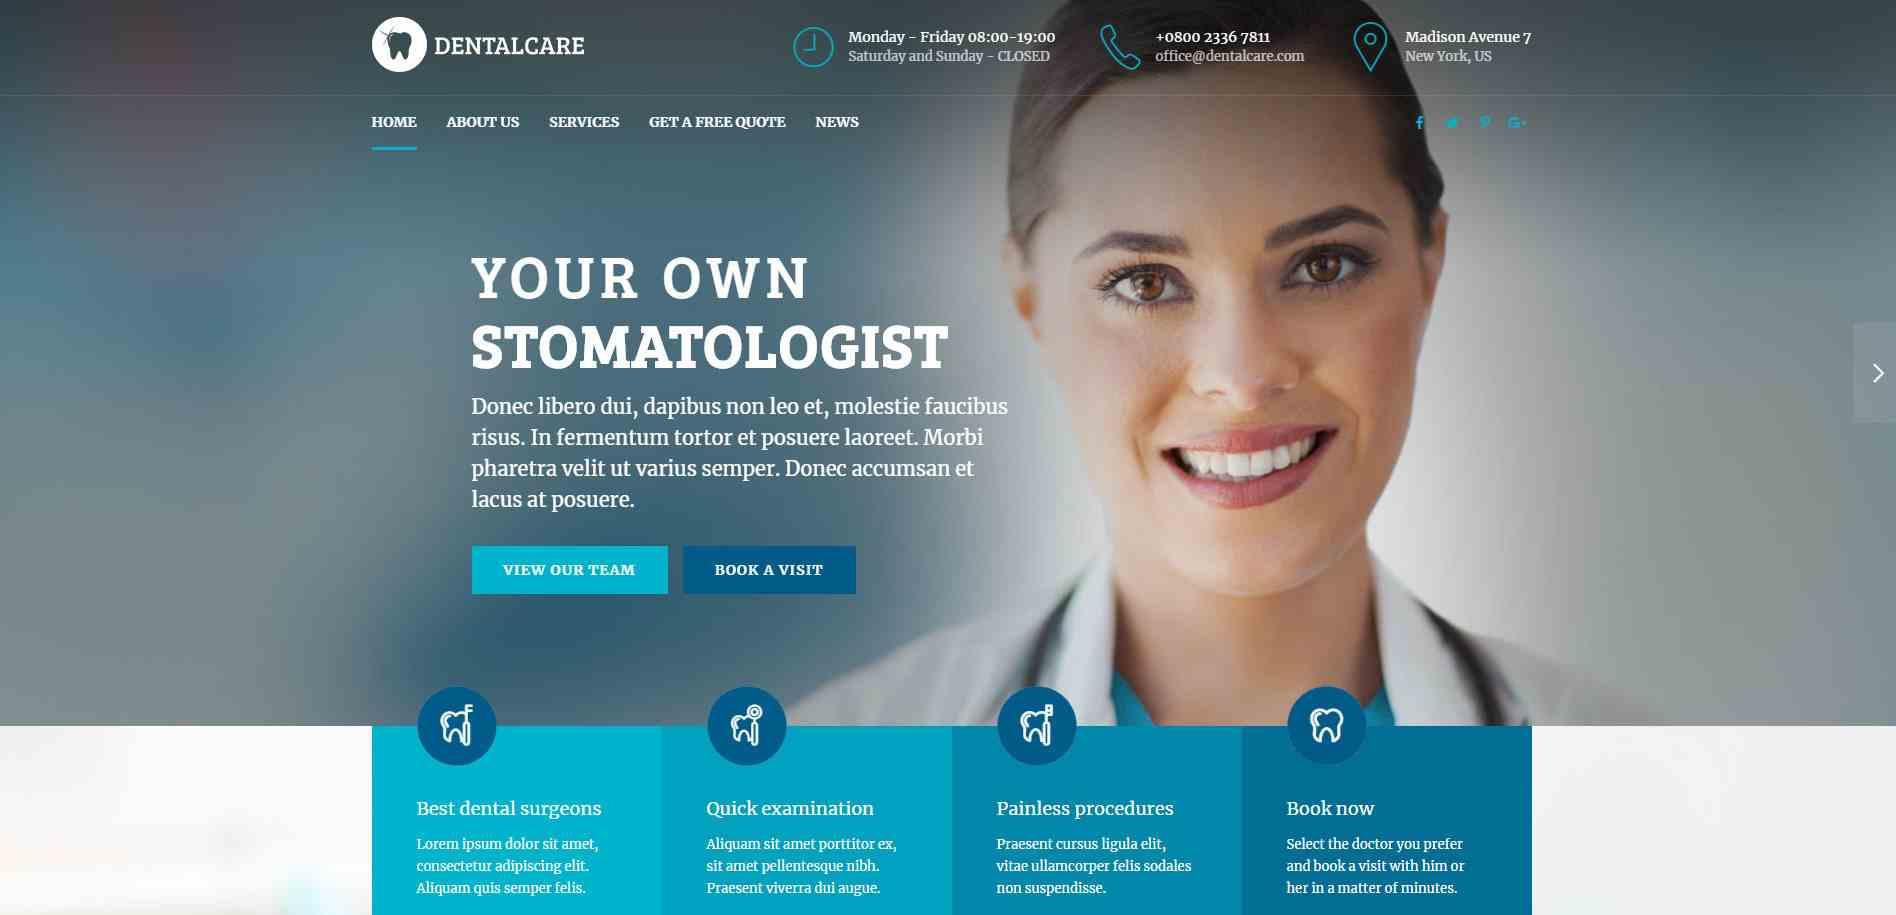 طراحی انواع سایتهای پزشکی